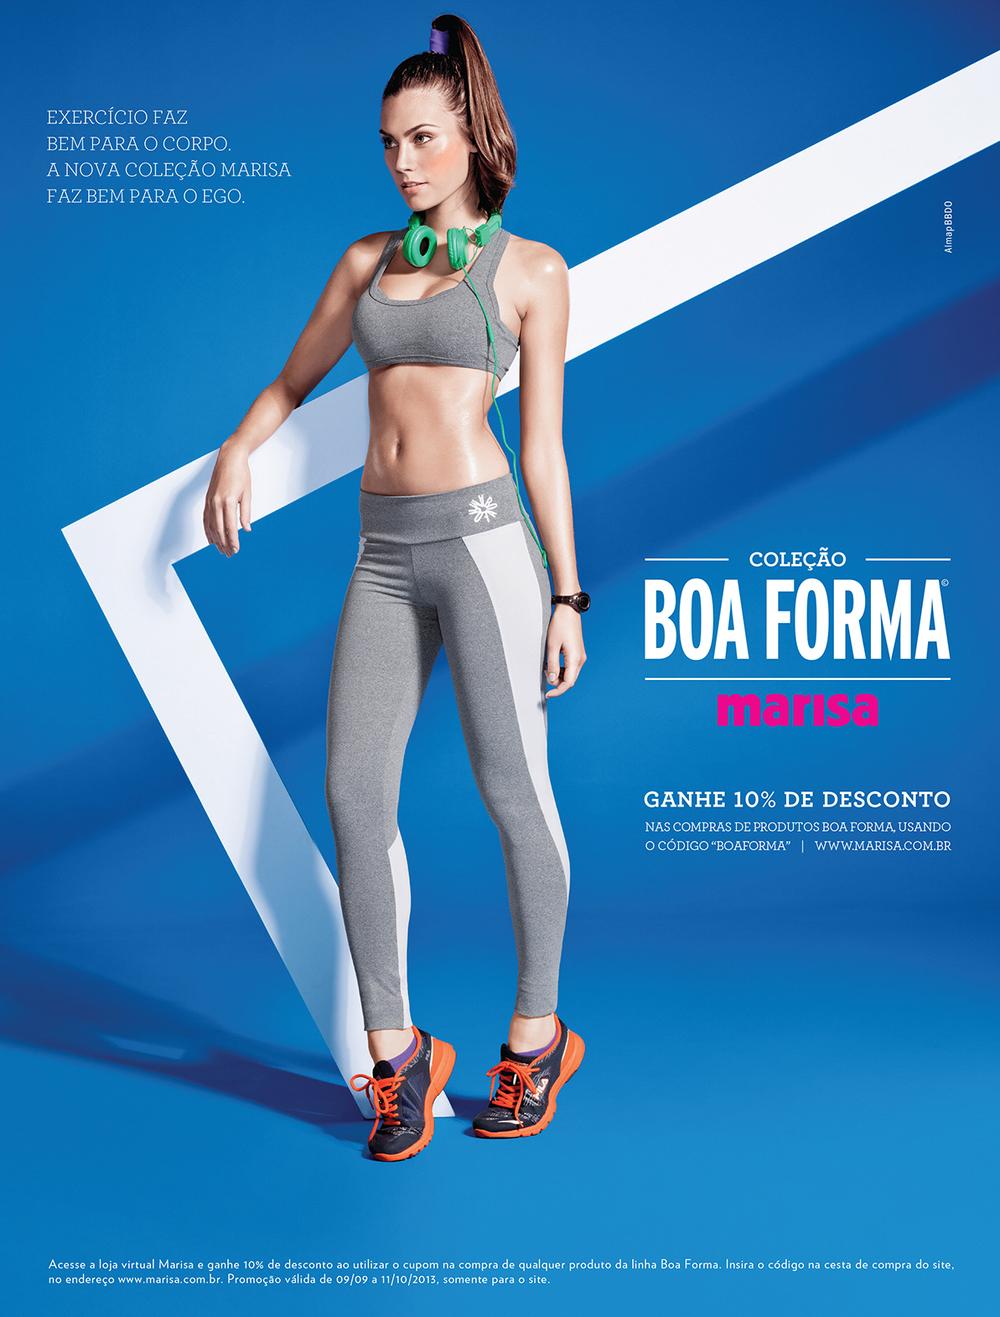 MARISA - BOA FORMA